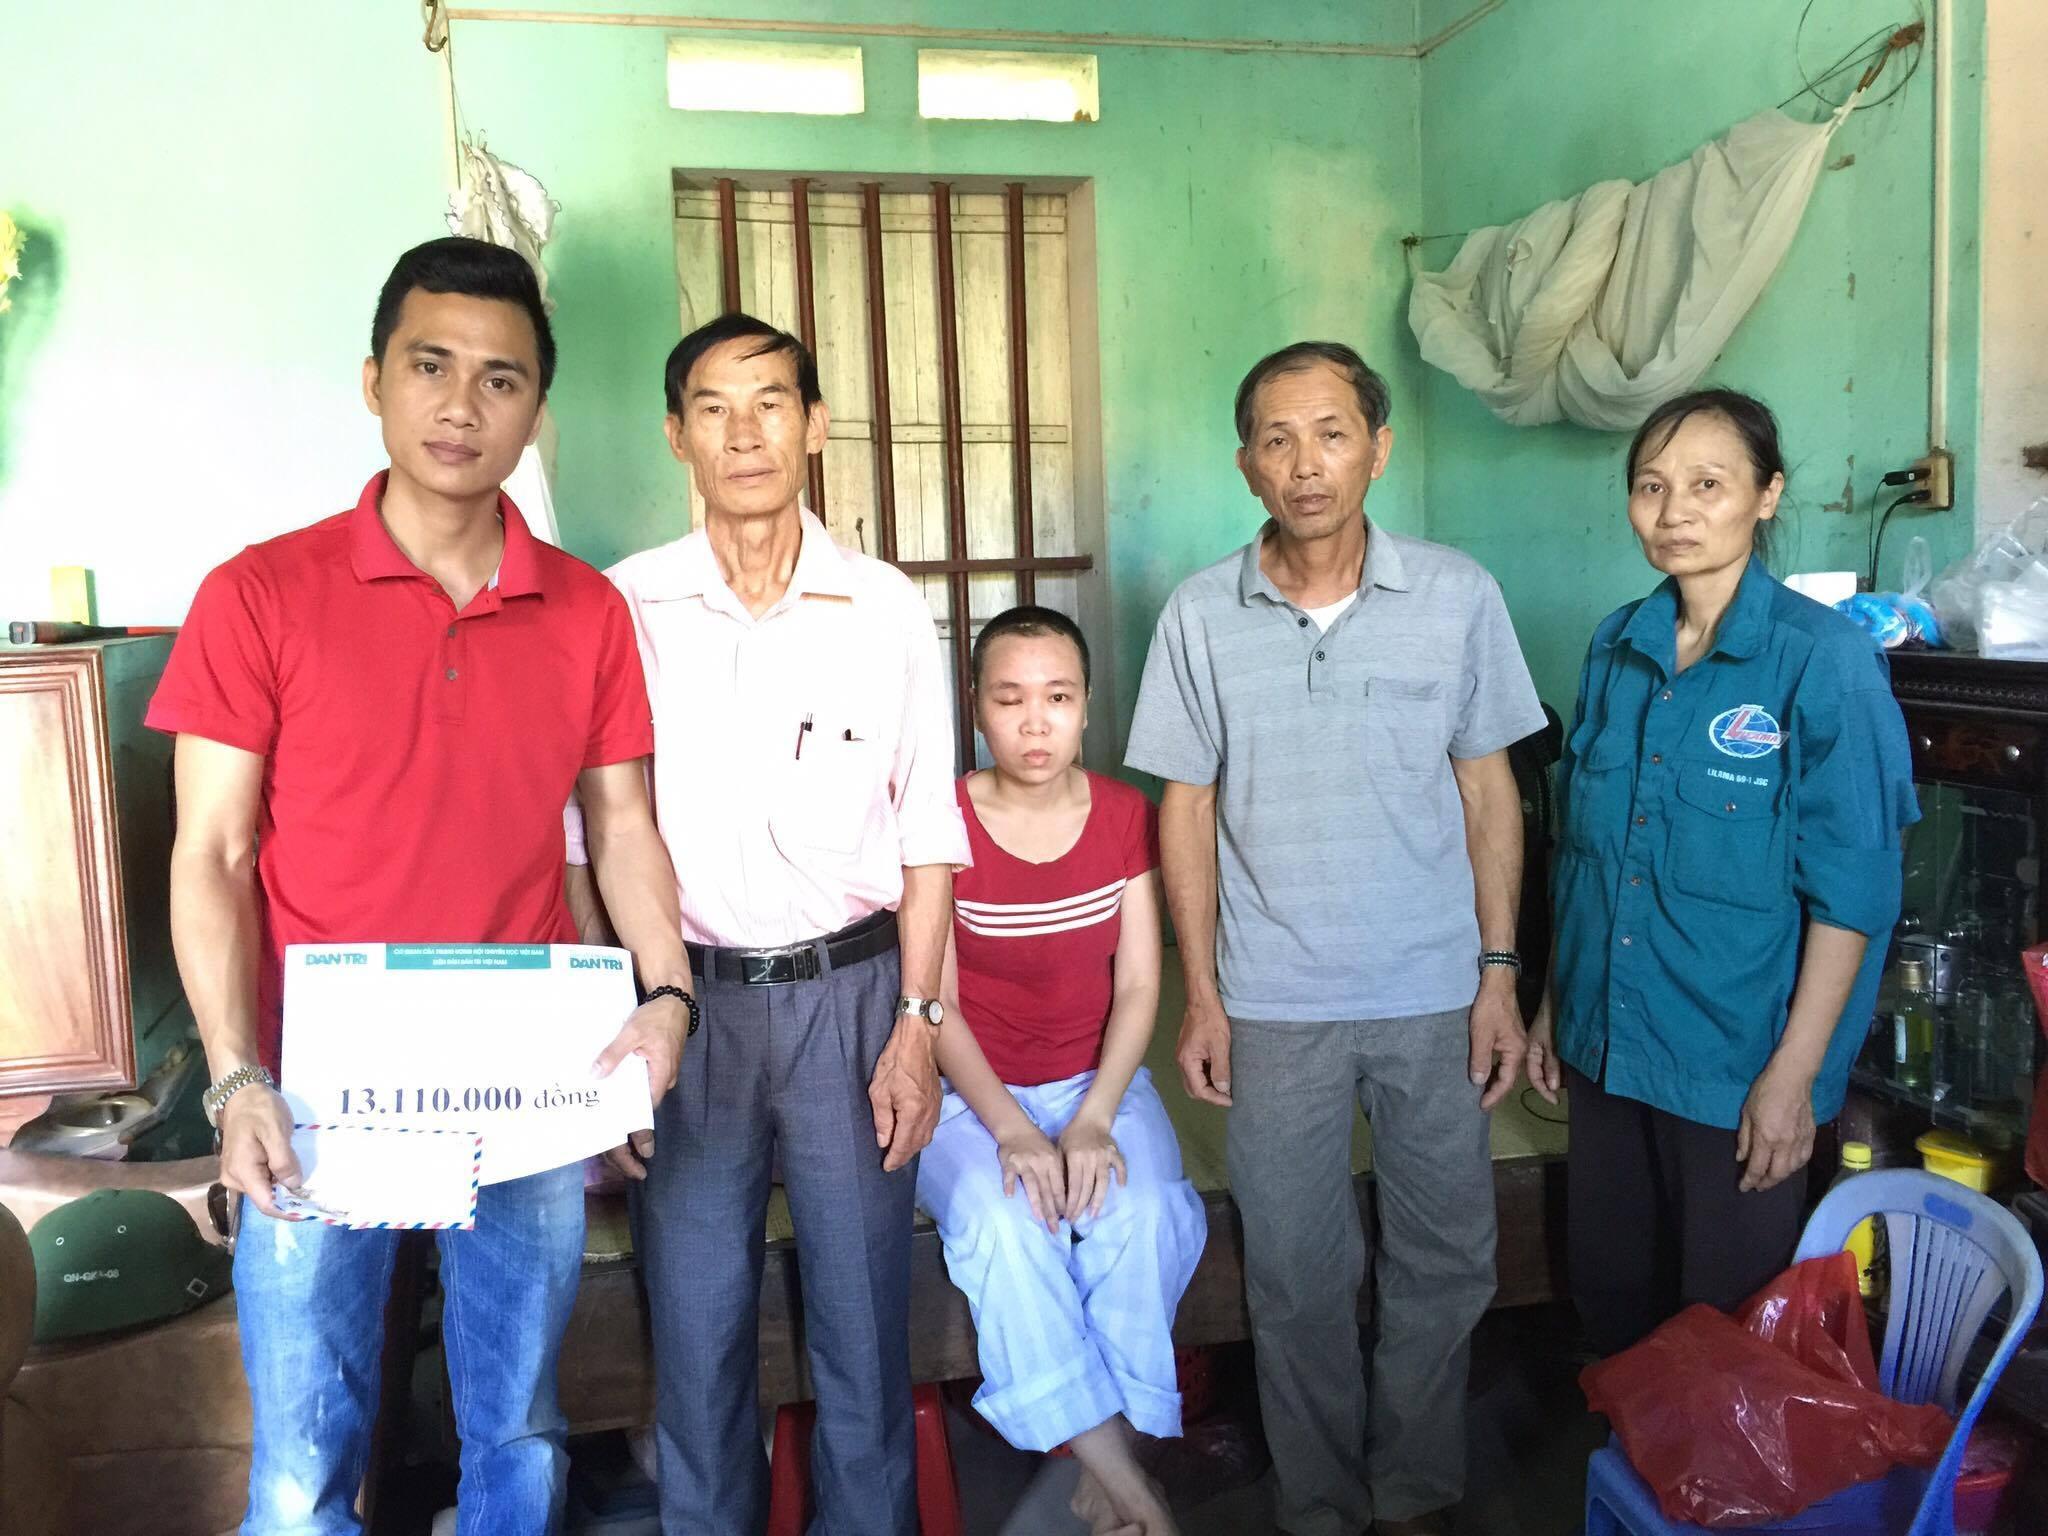 Đại diện lãnh đạo địa phương và nhà hảo tâm trao tặng số tiền 13.110.000 đồng cho cô giáo Nguyễn Thị Mỵ